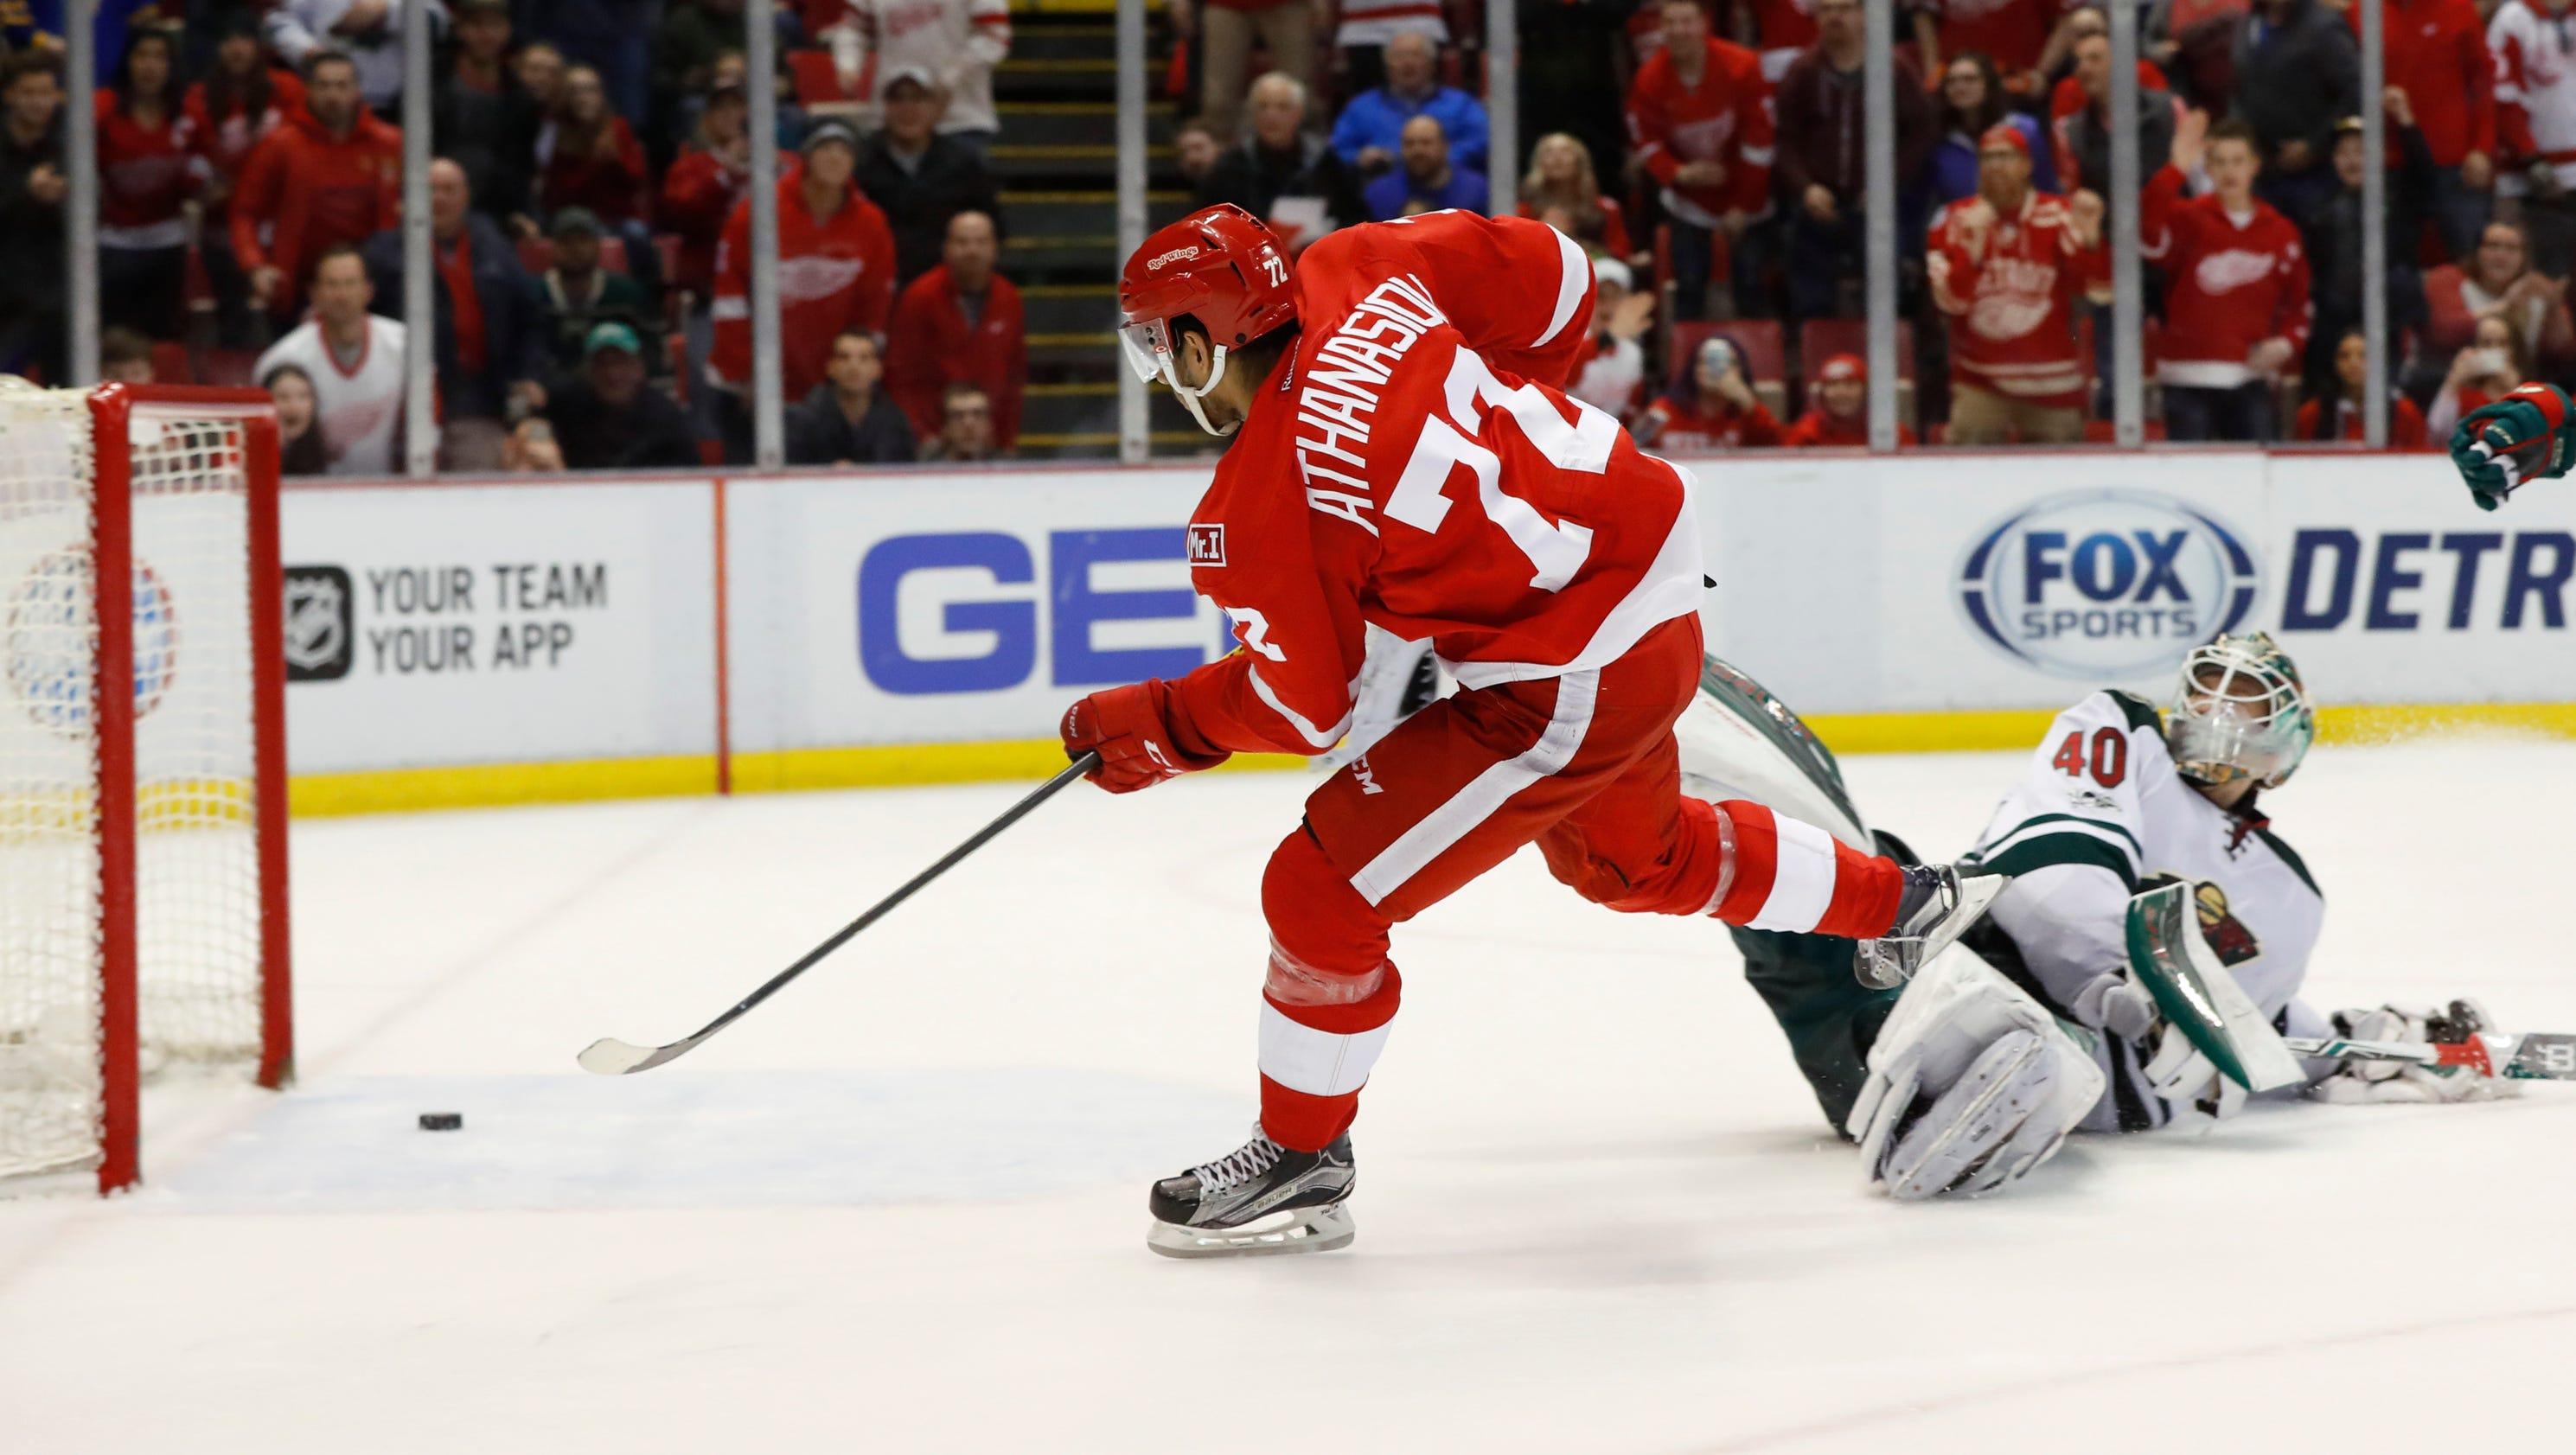 636261385588225112-ap-wild-red-wings-hockey-mip-5-